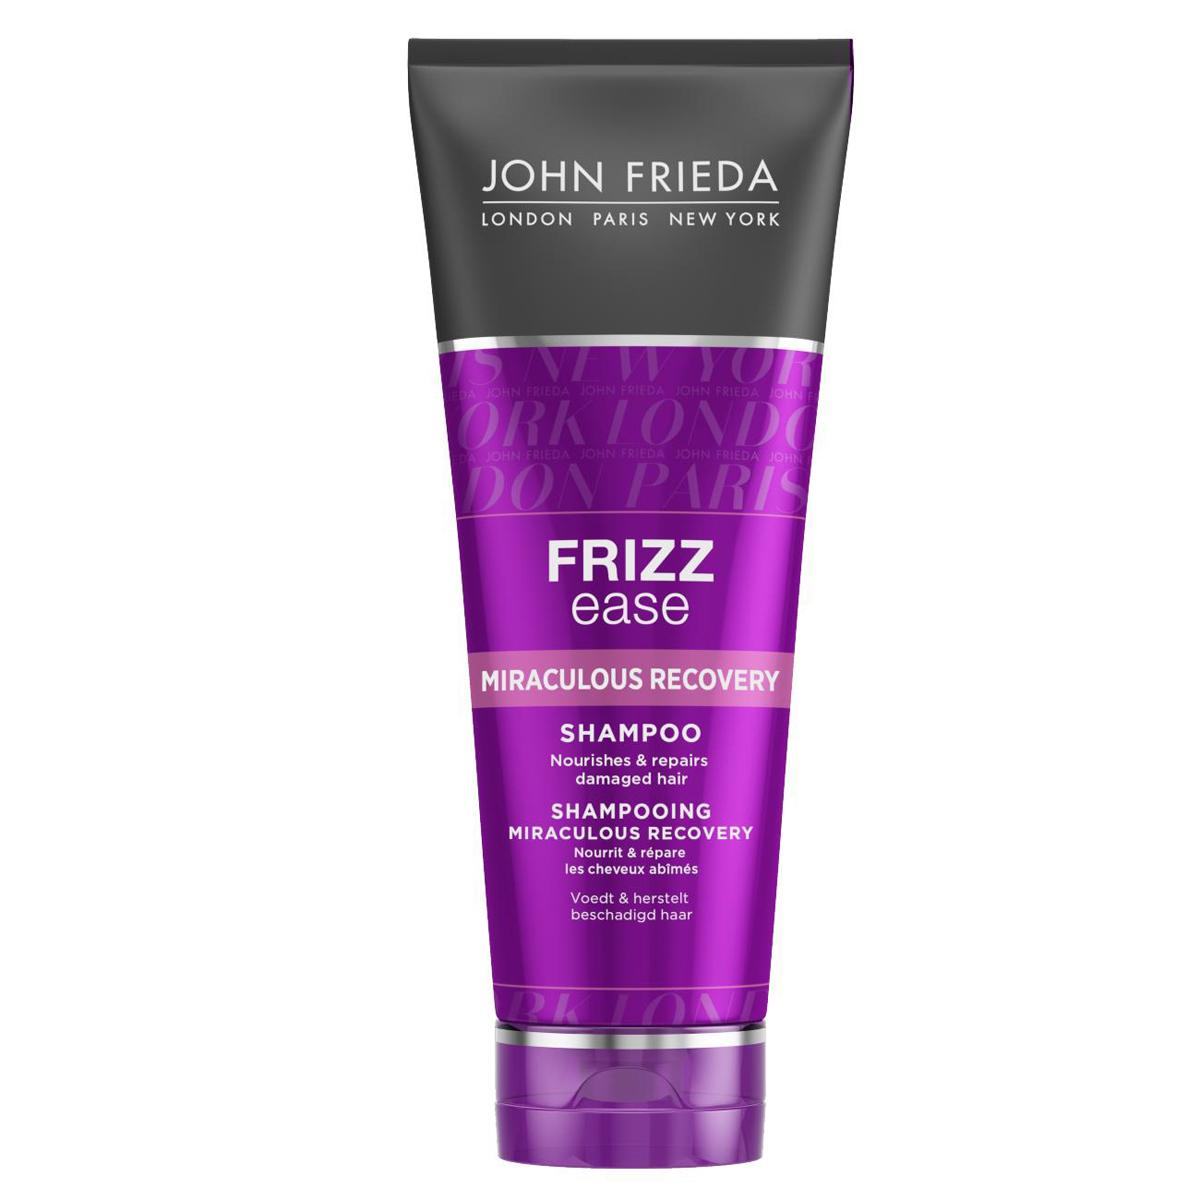 John Frieda Шампунь для укрепления волос Miraculous recovery, 250 мл акриловая ванна